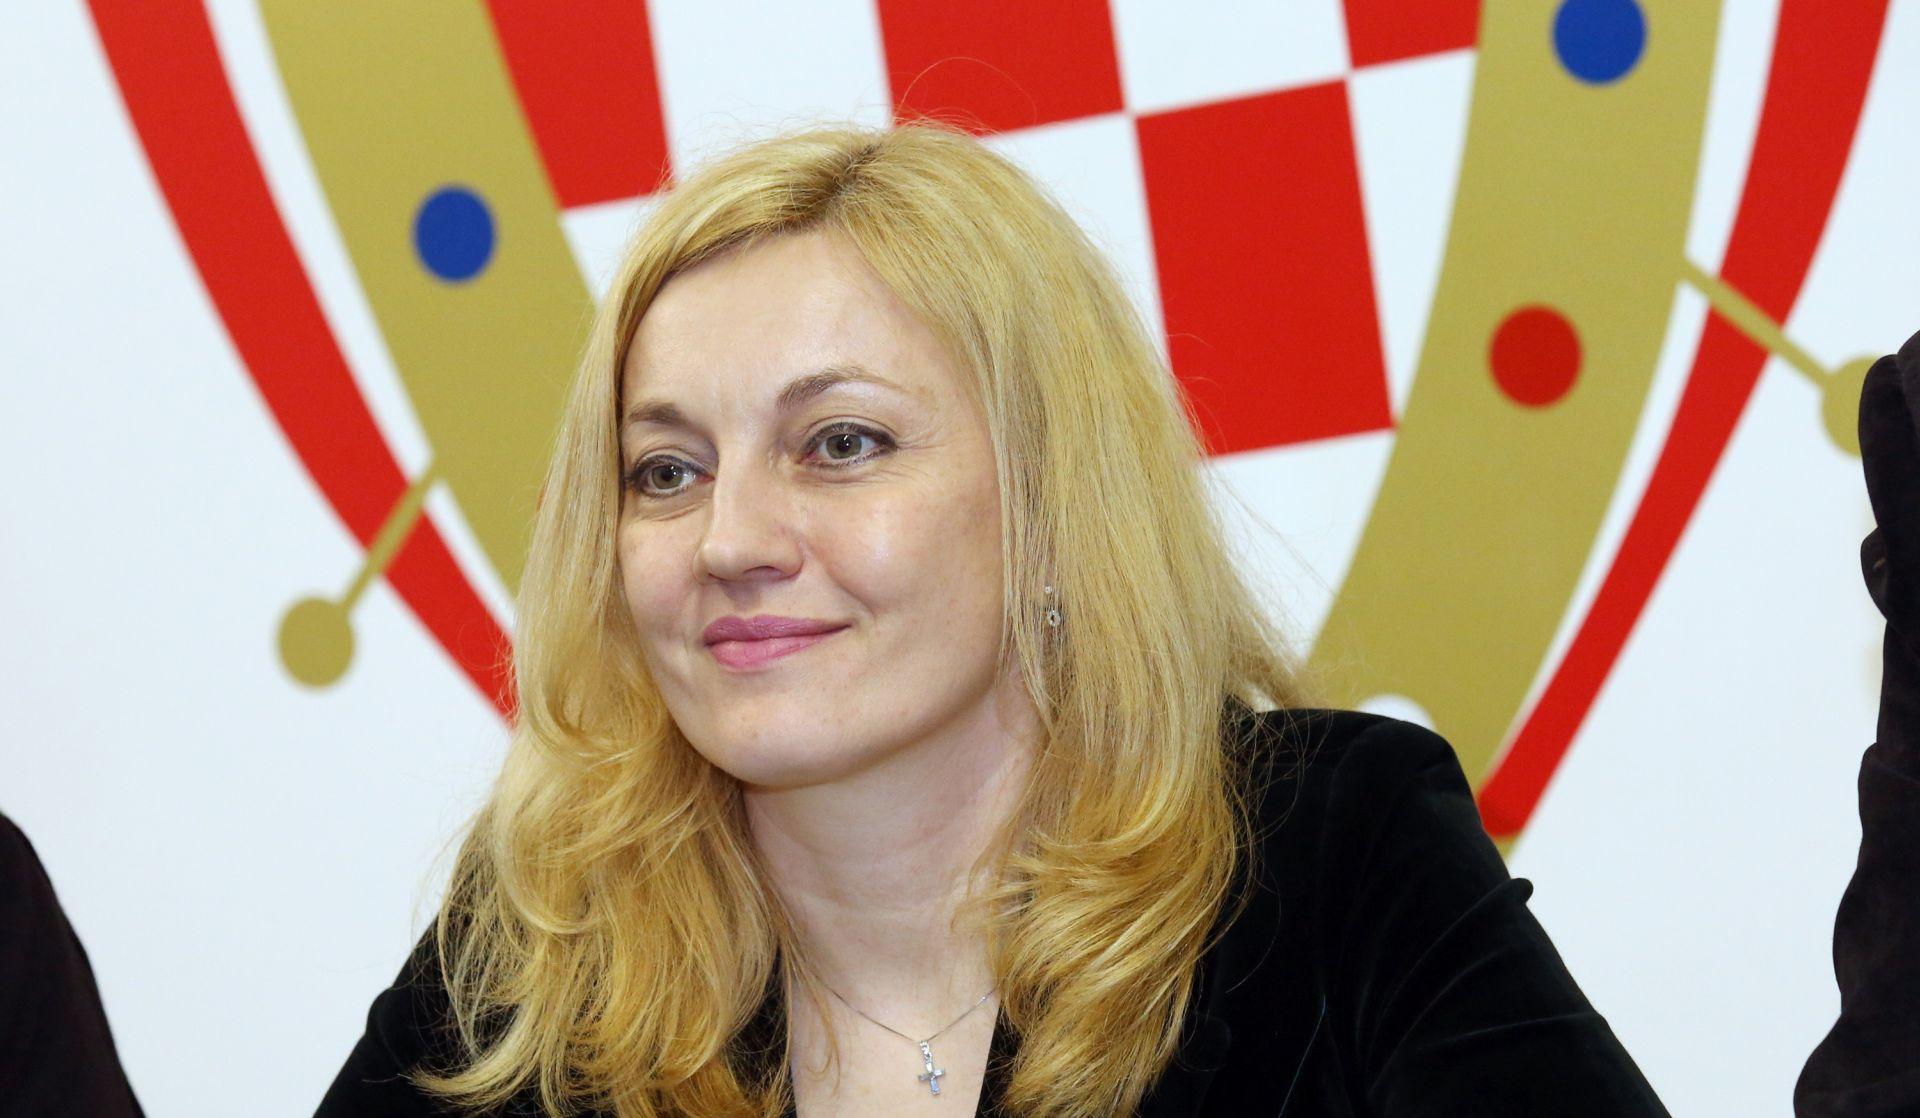 """MARIJANA PETIR """"Beljak želi onemogućiti moju kandidaturu za predsjednicu HSS-a, uništio je ugled stranke"""""""